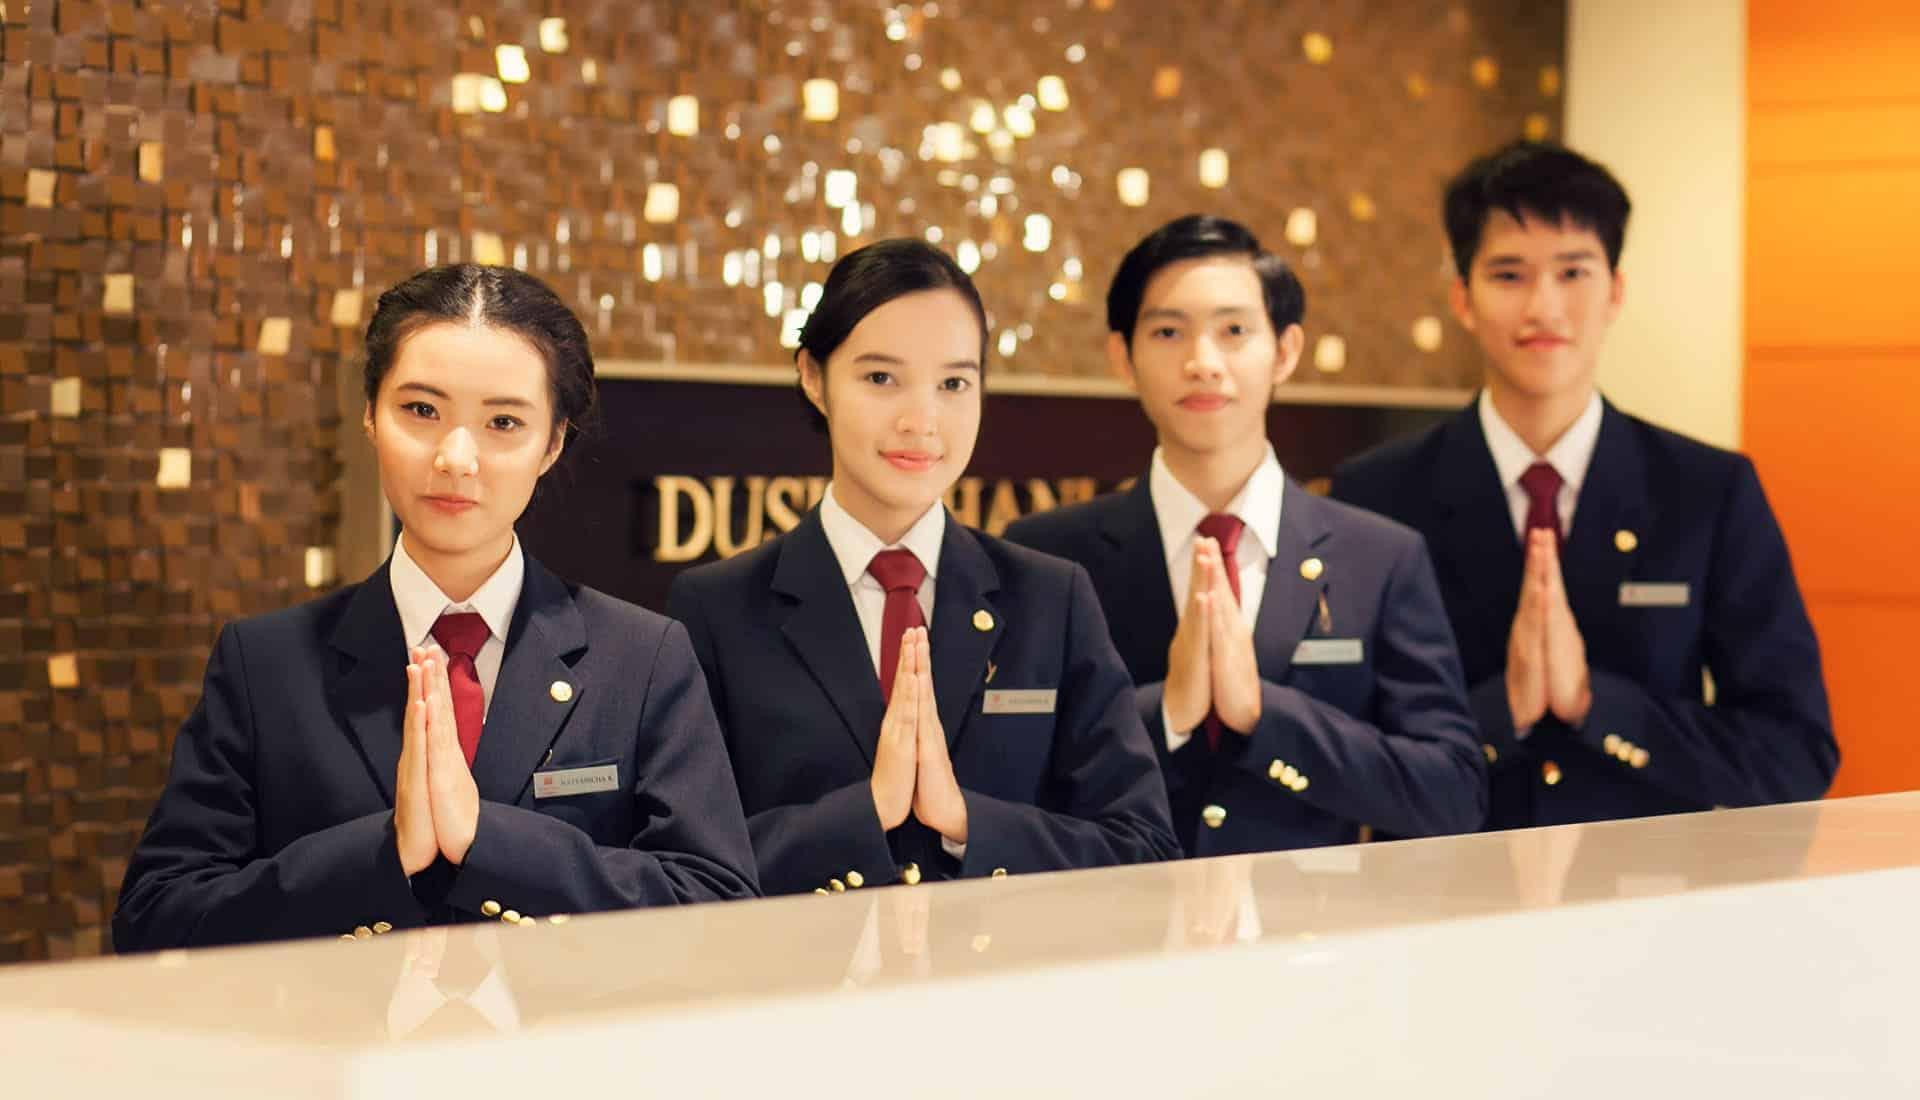 Hospitality – Ngành nghề hot nhất trong lĩnh vực khách sạn hiện nay